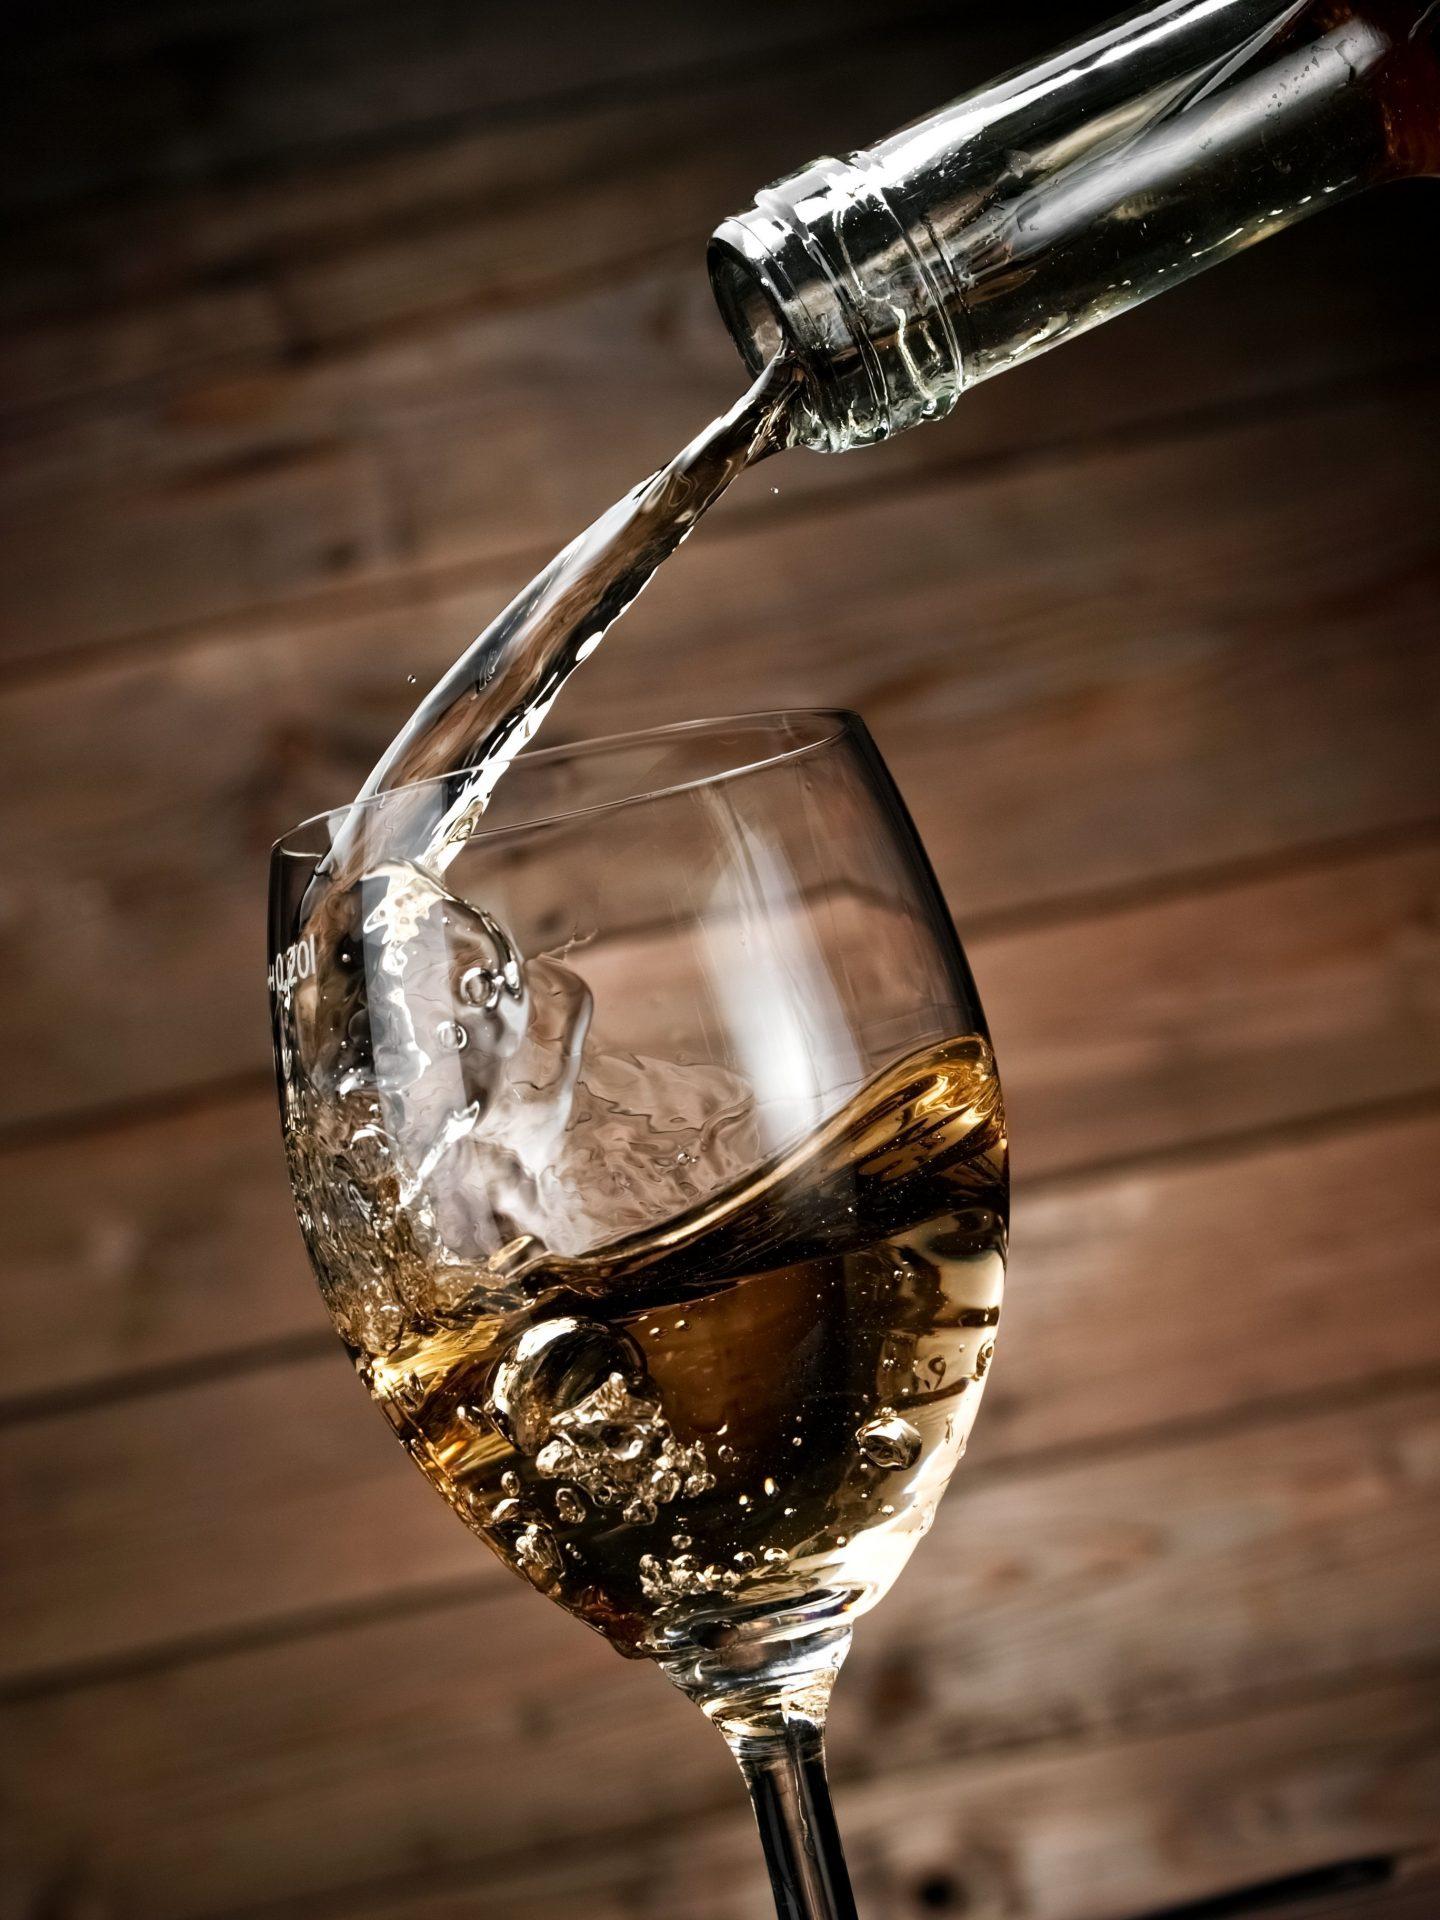 verre de saké en train d'être rempli